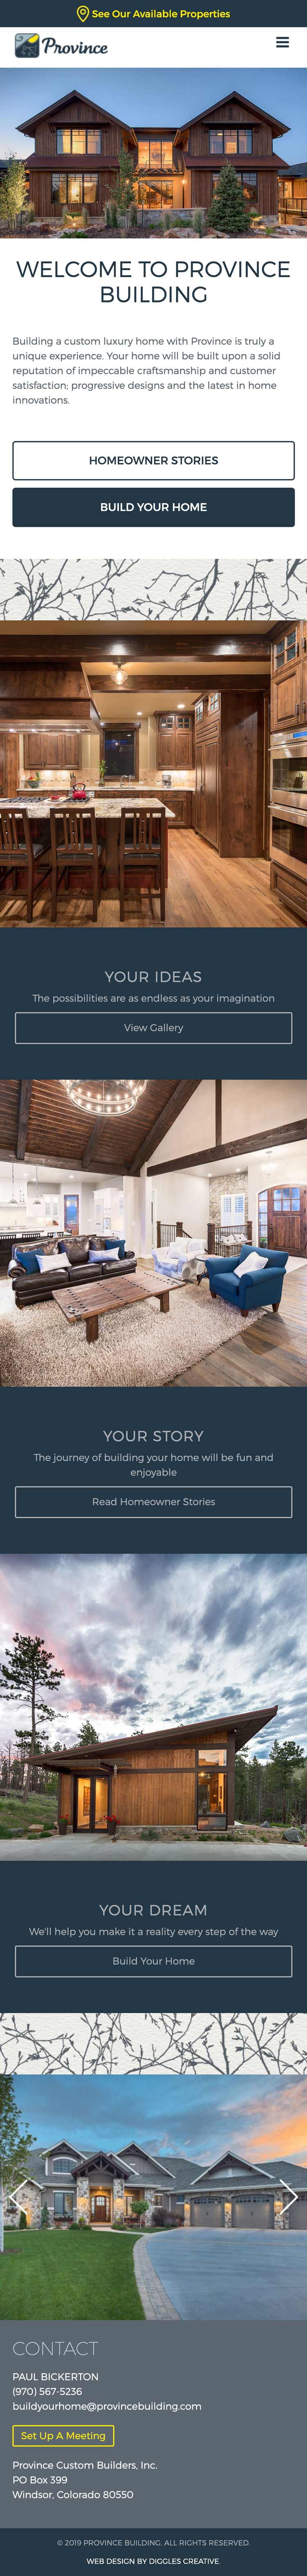 Province Building - Home Builder Website Design